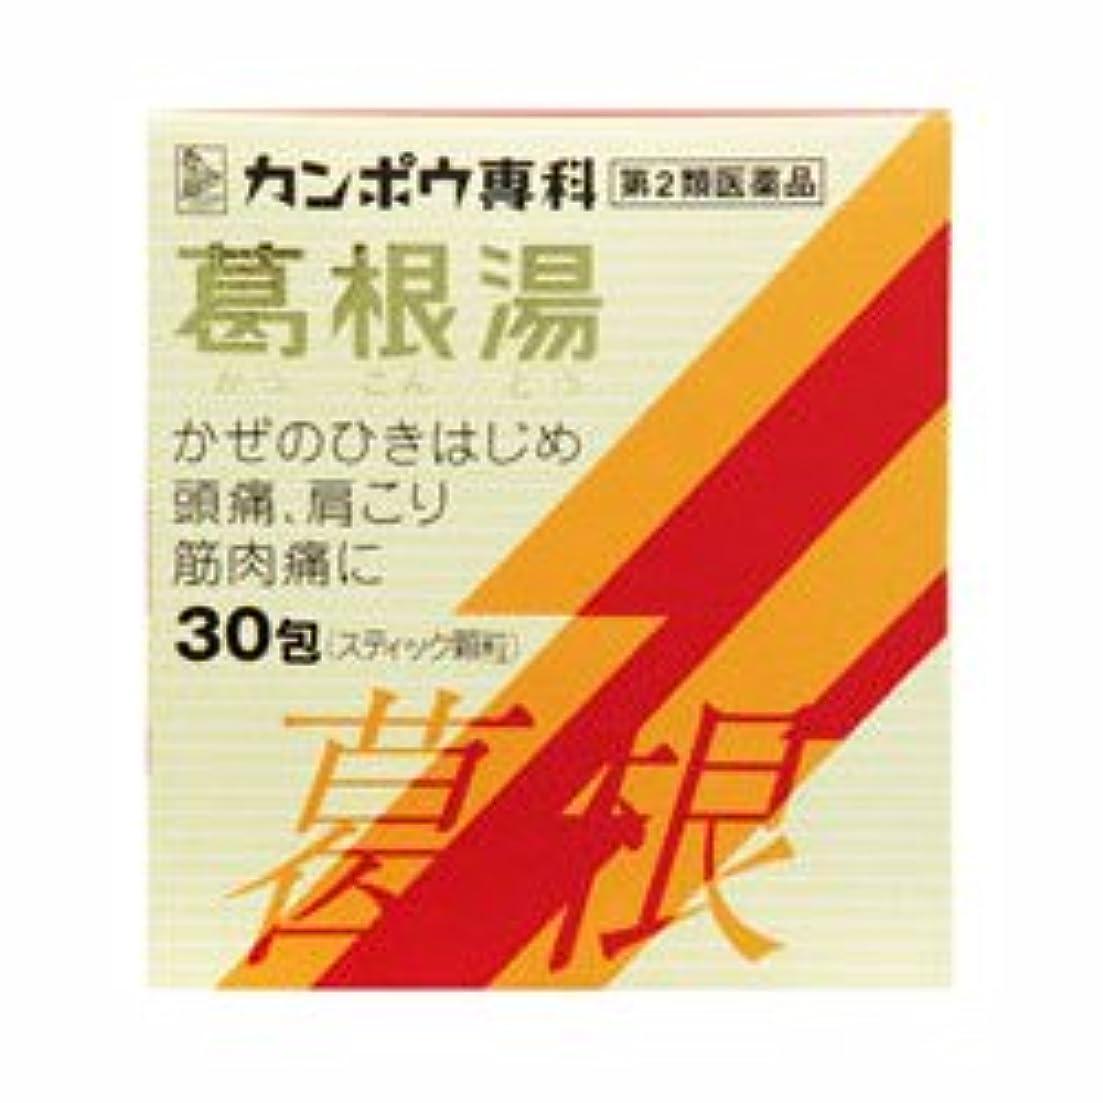 マット玉スラム【第2類医薬品】葛根湯エキス顆粒Sクラシエ 30包 ×5